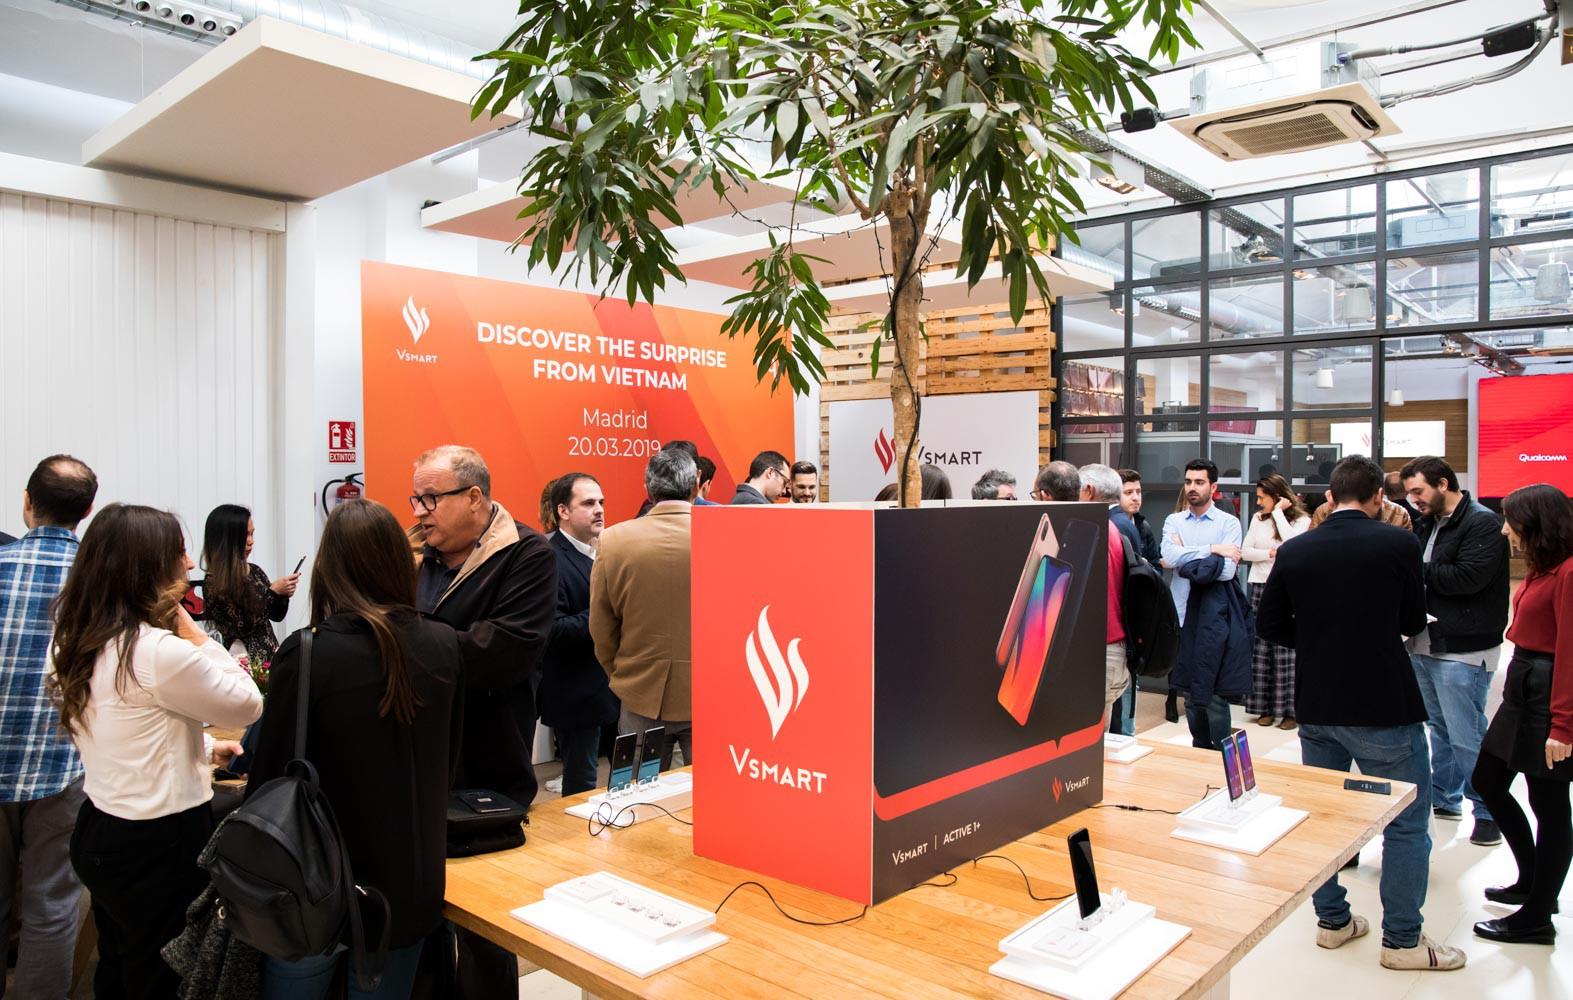 Điện thoại Vsmart chính thức ra mắt tại thị trường Tây Ban Nha, phân phối trên gần 90 cửa hàng - Ảnh 1.